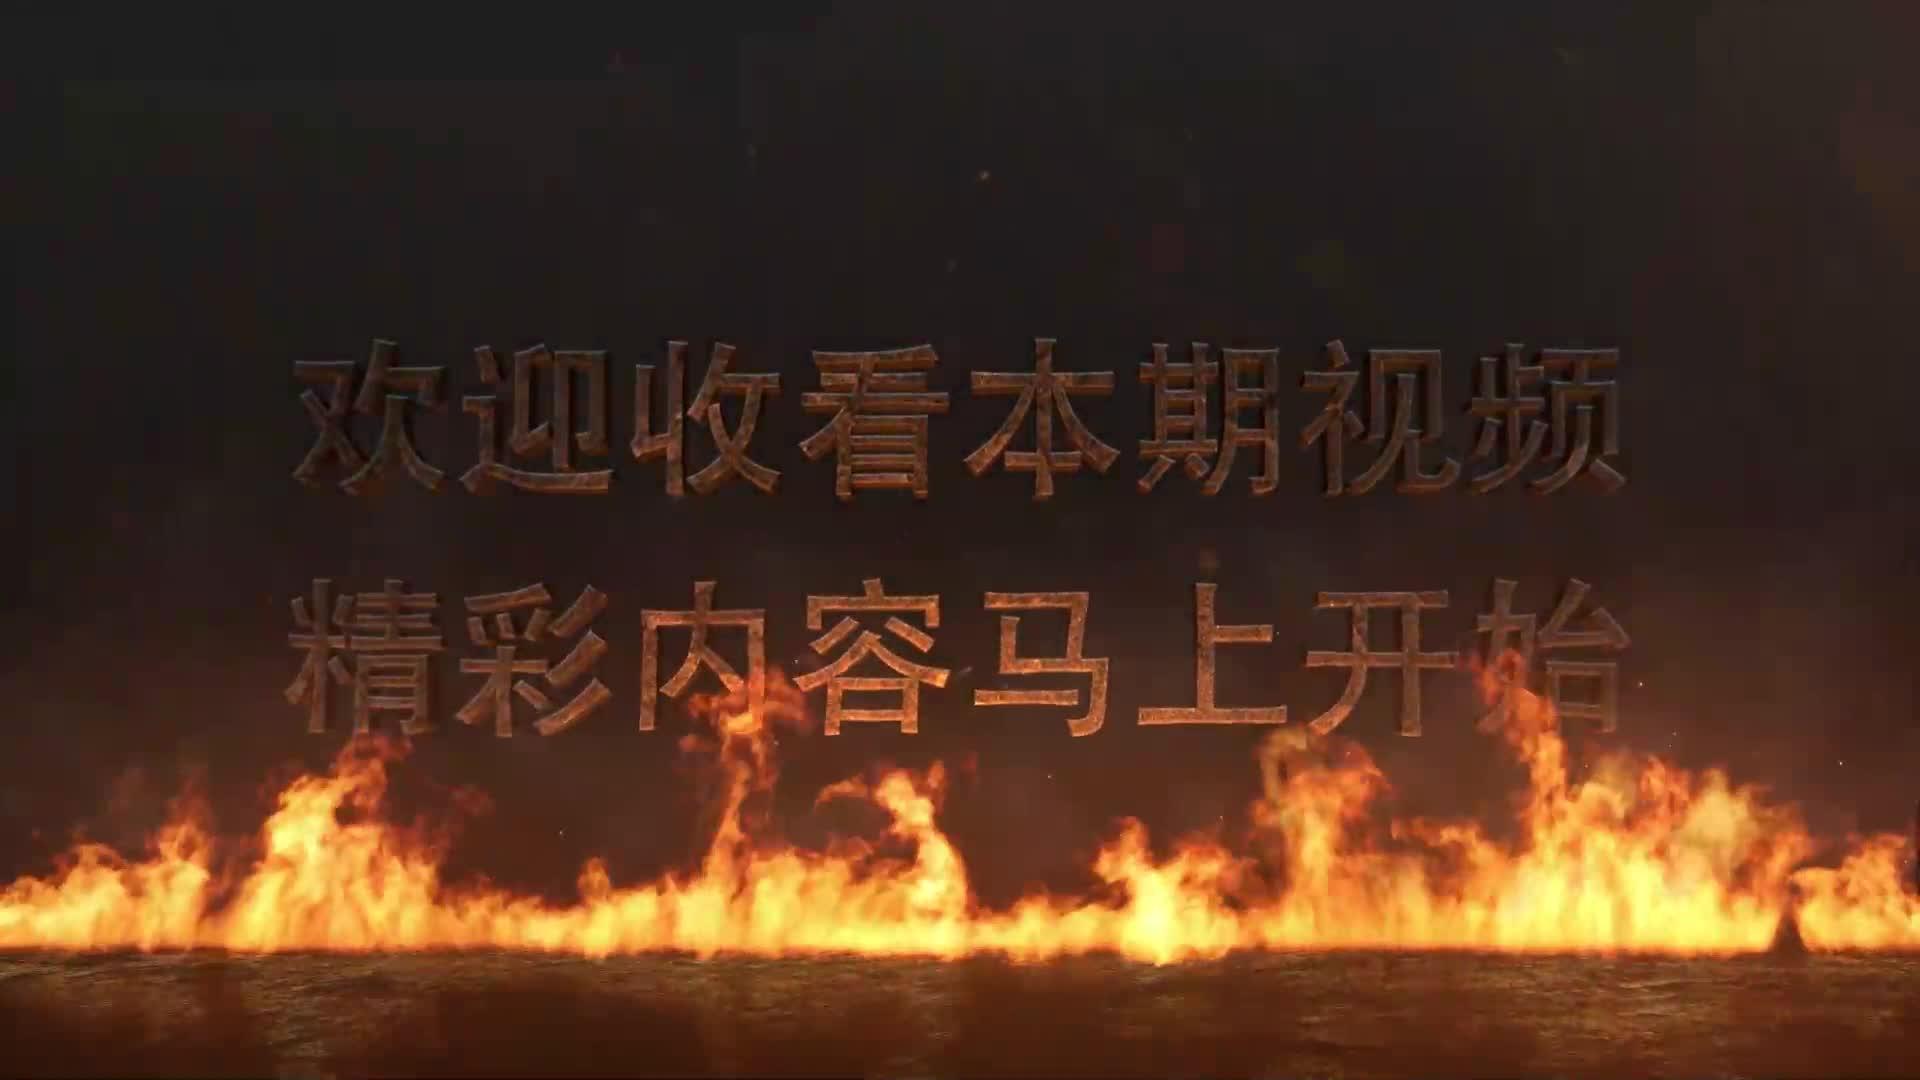 #影视精彩欣赏#西游降魔篇:大家好我是酱爆